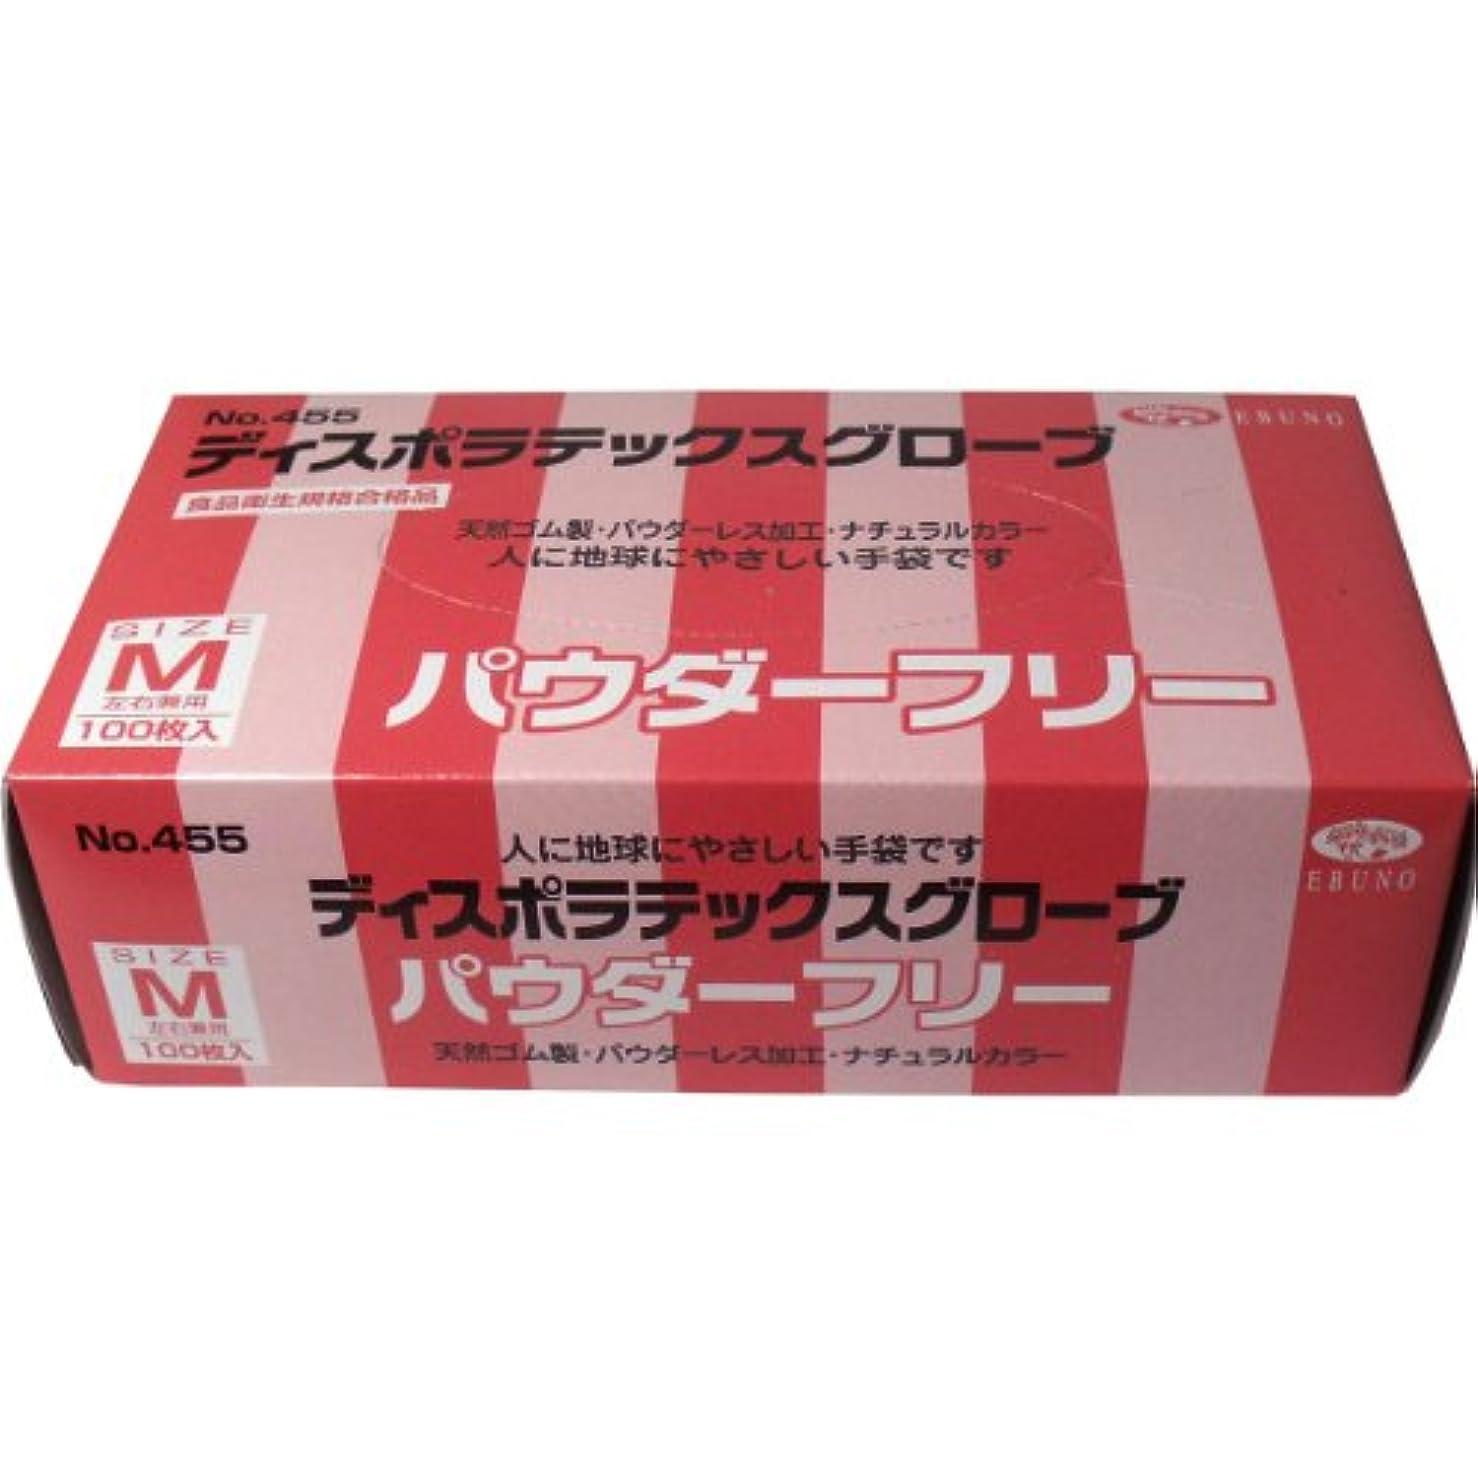 第クライストチャーチ下品ディスポ ラテックスグローブ(天然ゴム手袋) パウダーフリー Mサイズ 100枚入×10個セット